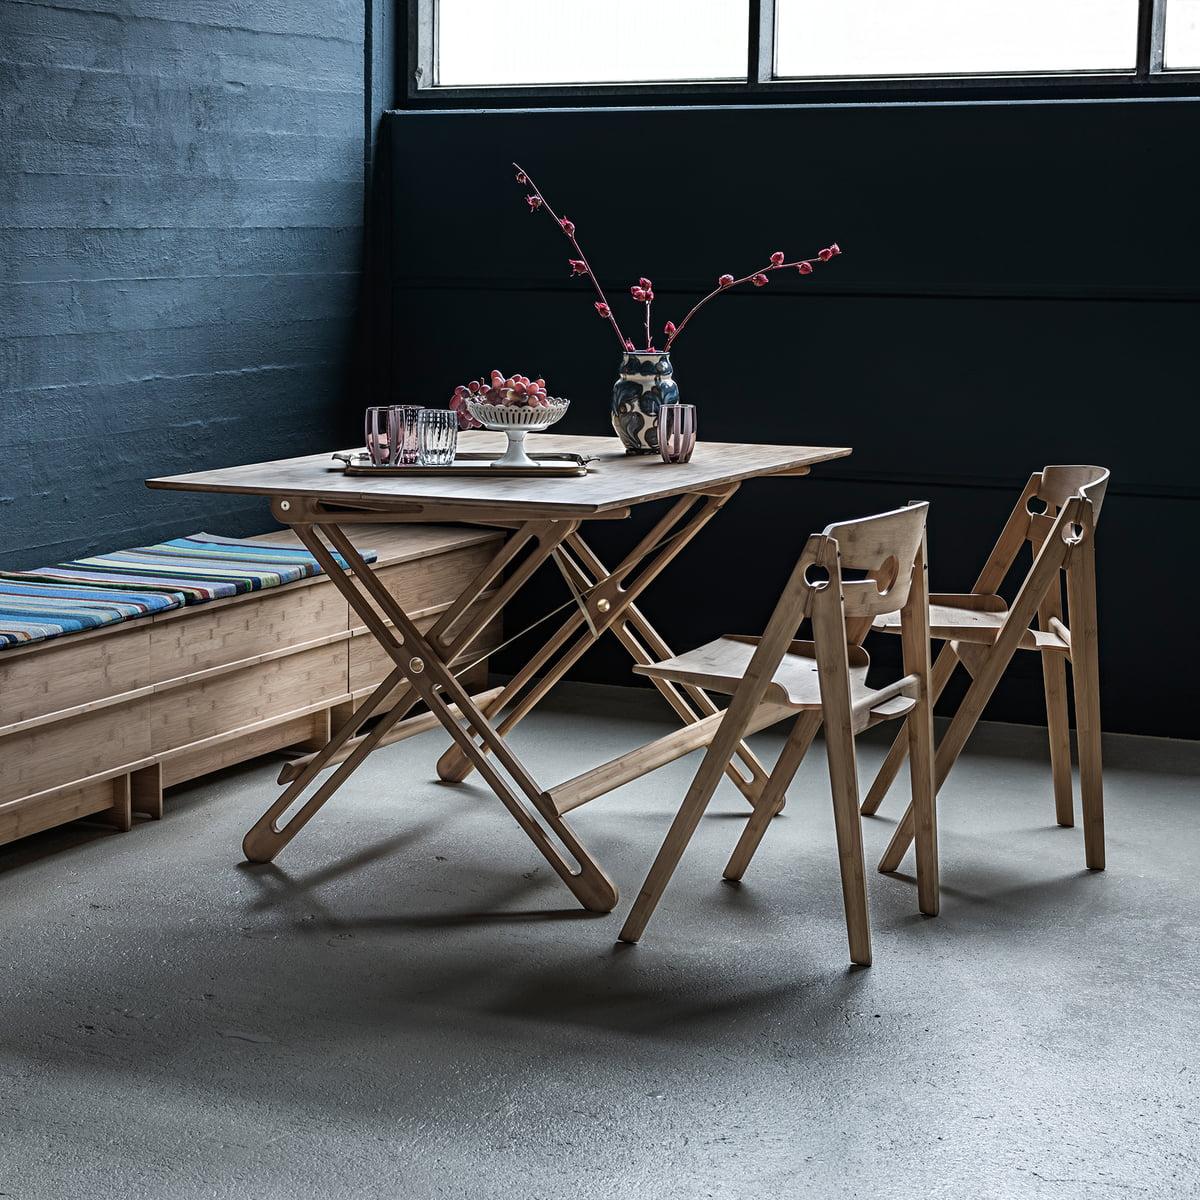 field klapptisch von we do wood. Black Bedroom Furniture Sets. Home Design Ideas